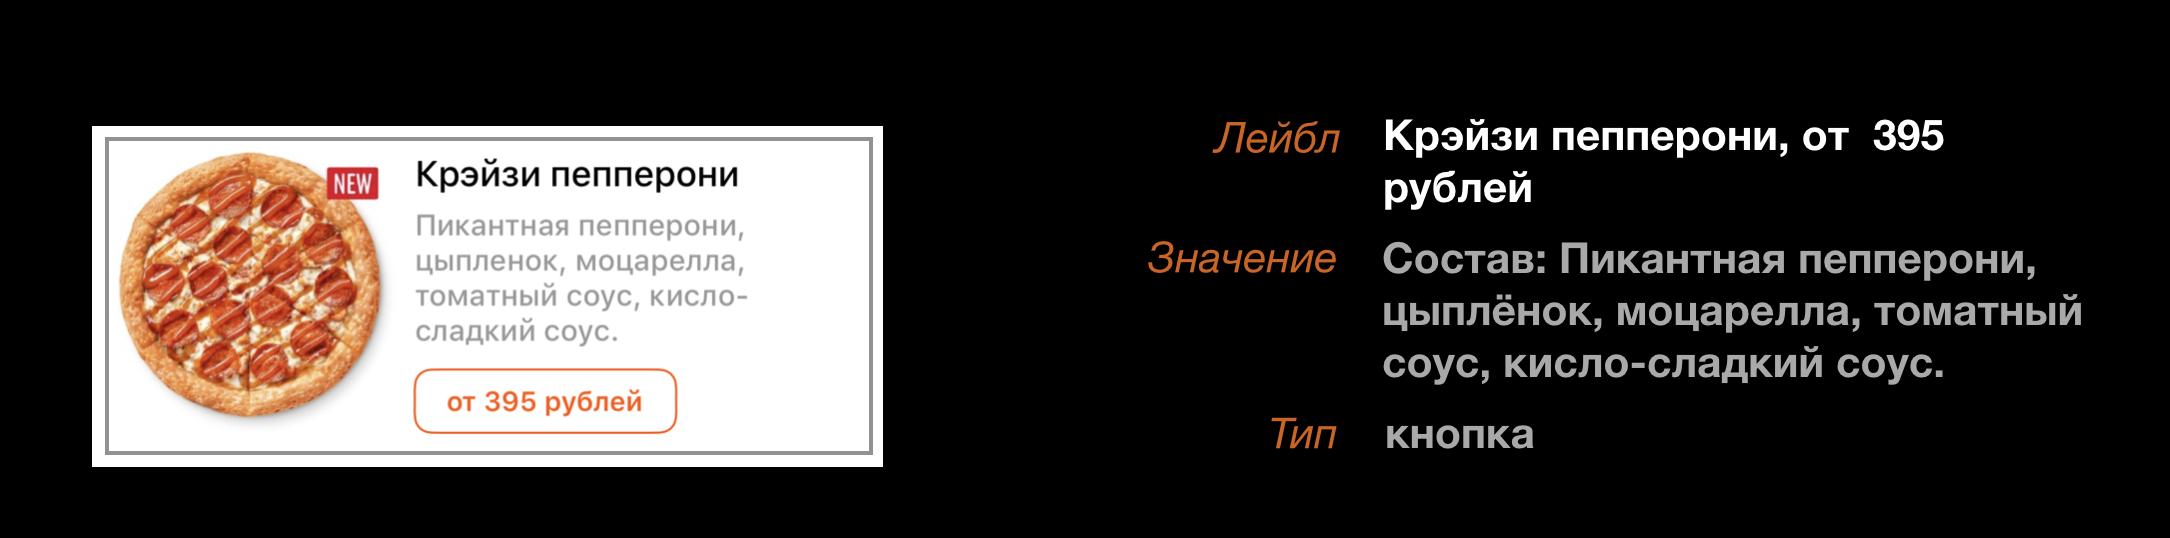 Ячейка меню, которая работает как одно целое для Voice Over